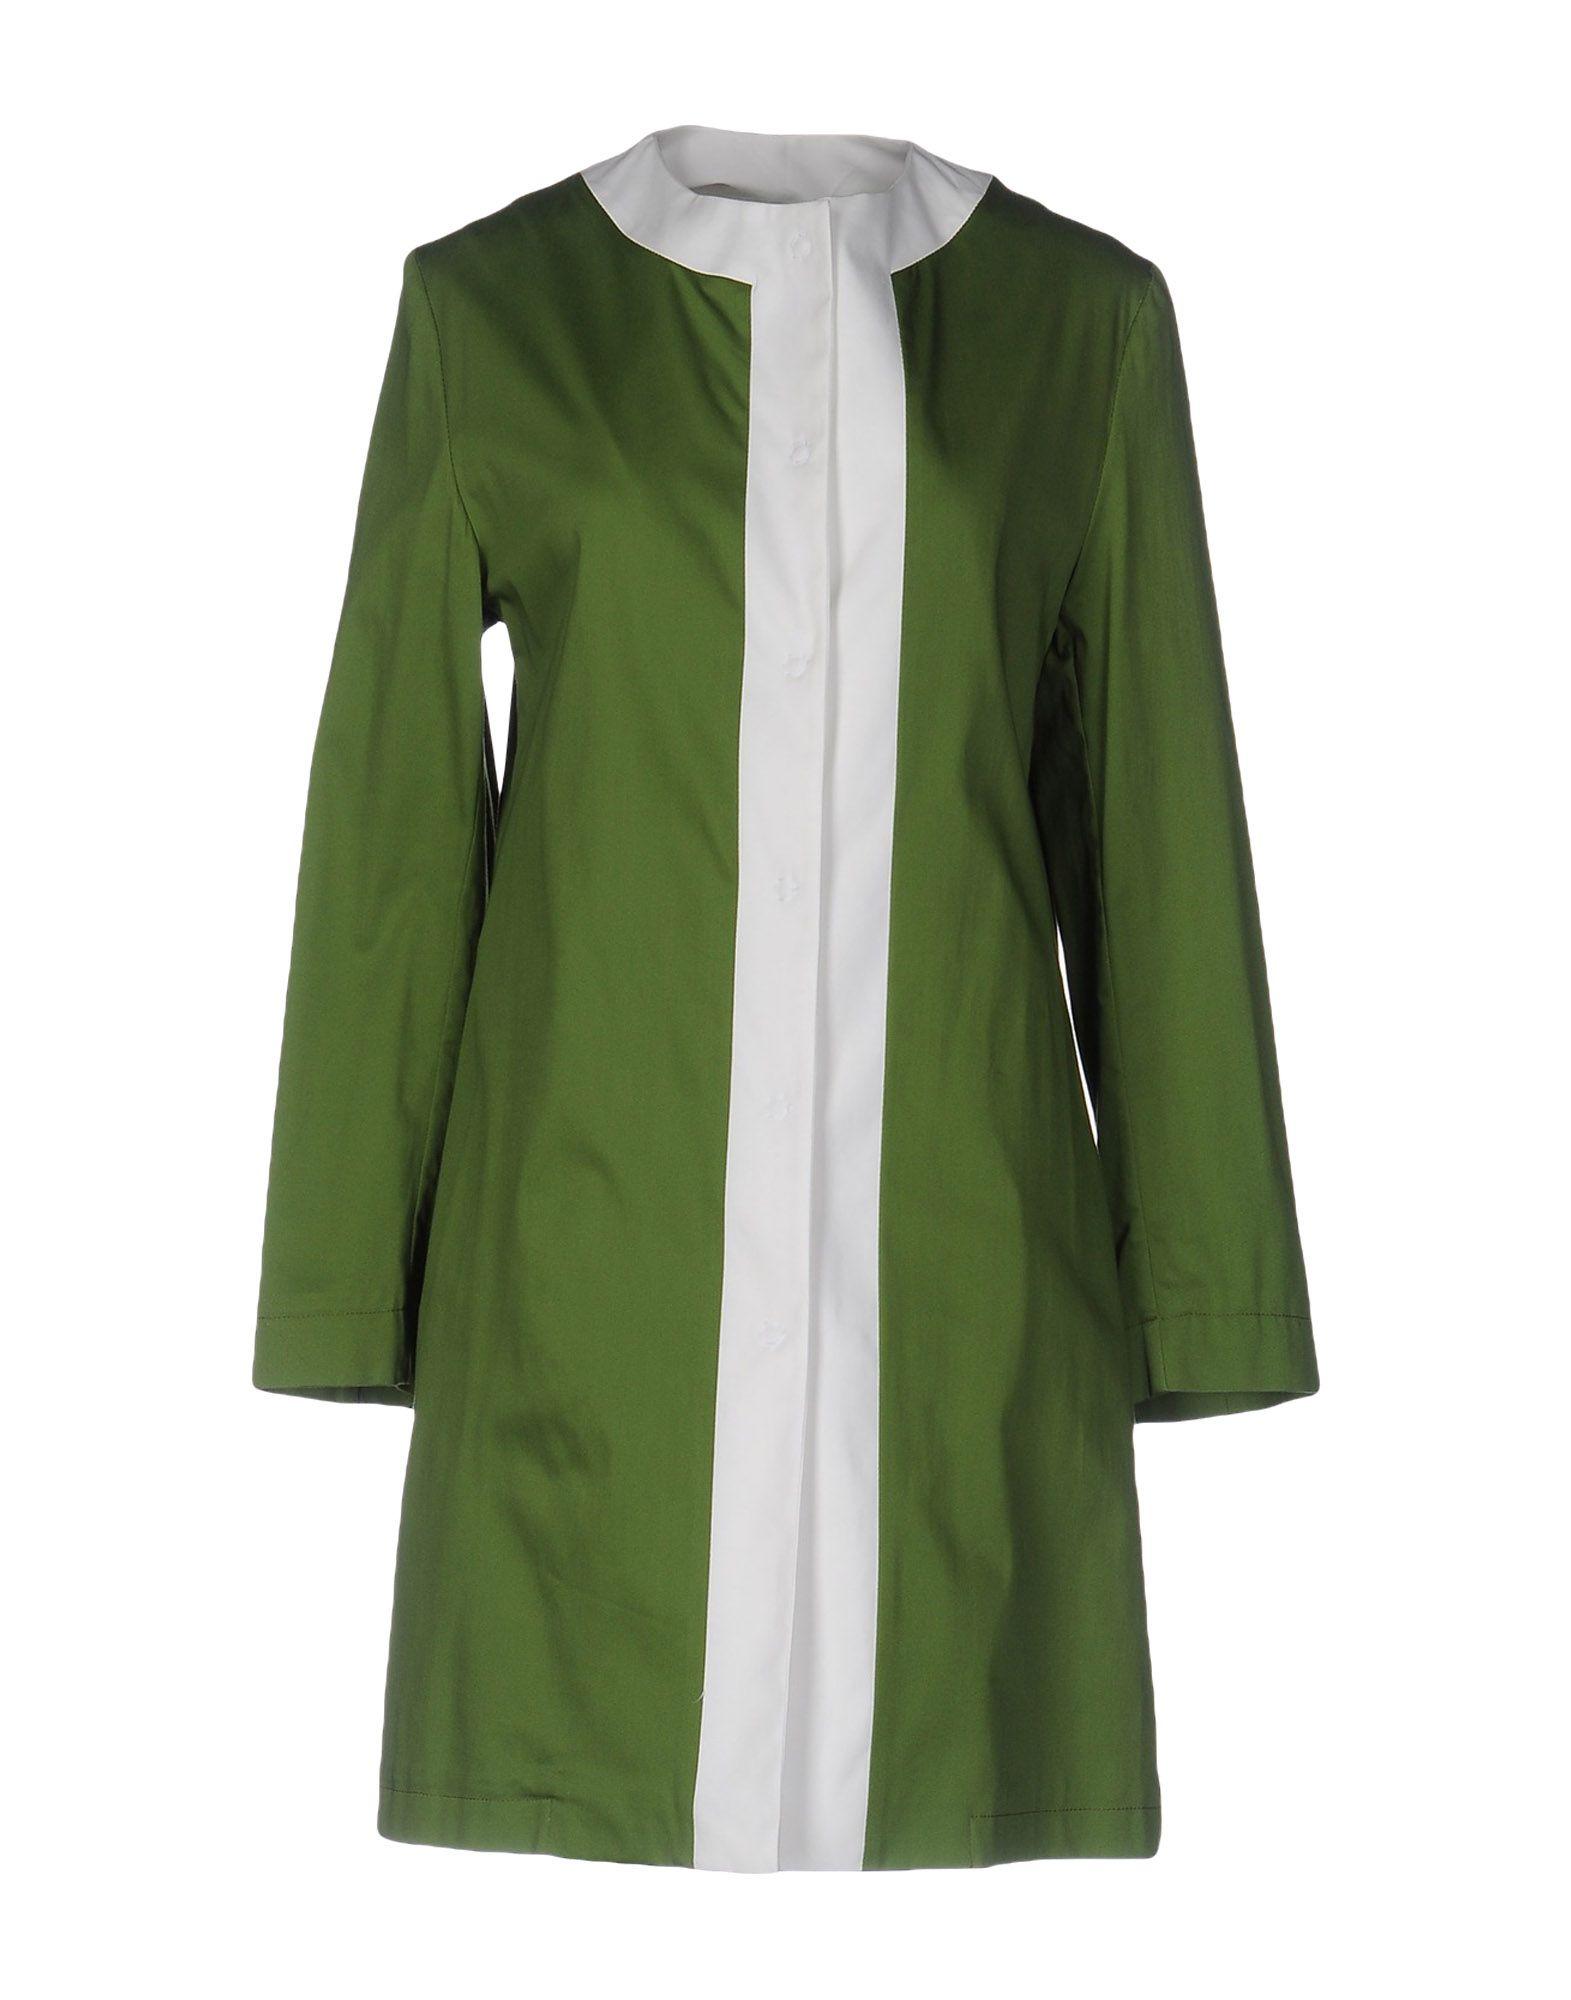 GUTTHA Damen Lange Jacke Farbe Grün Größe 4 jetztbilligerkaufen